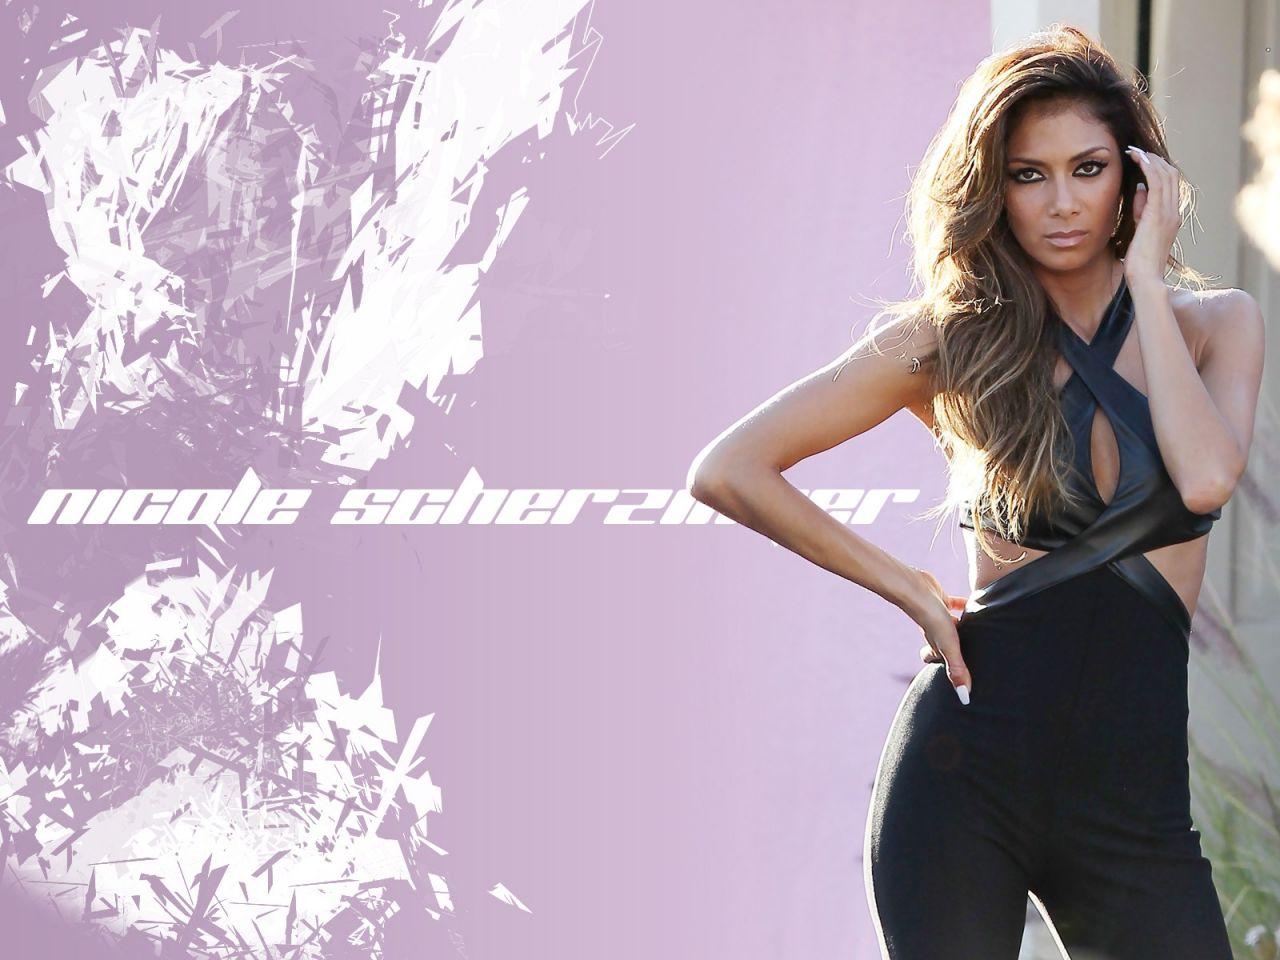 Nicole Scherzinger Wallpapers 15-2419